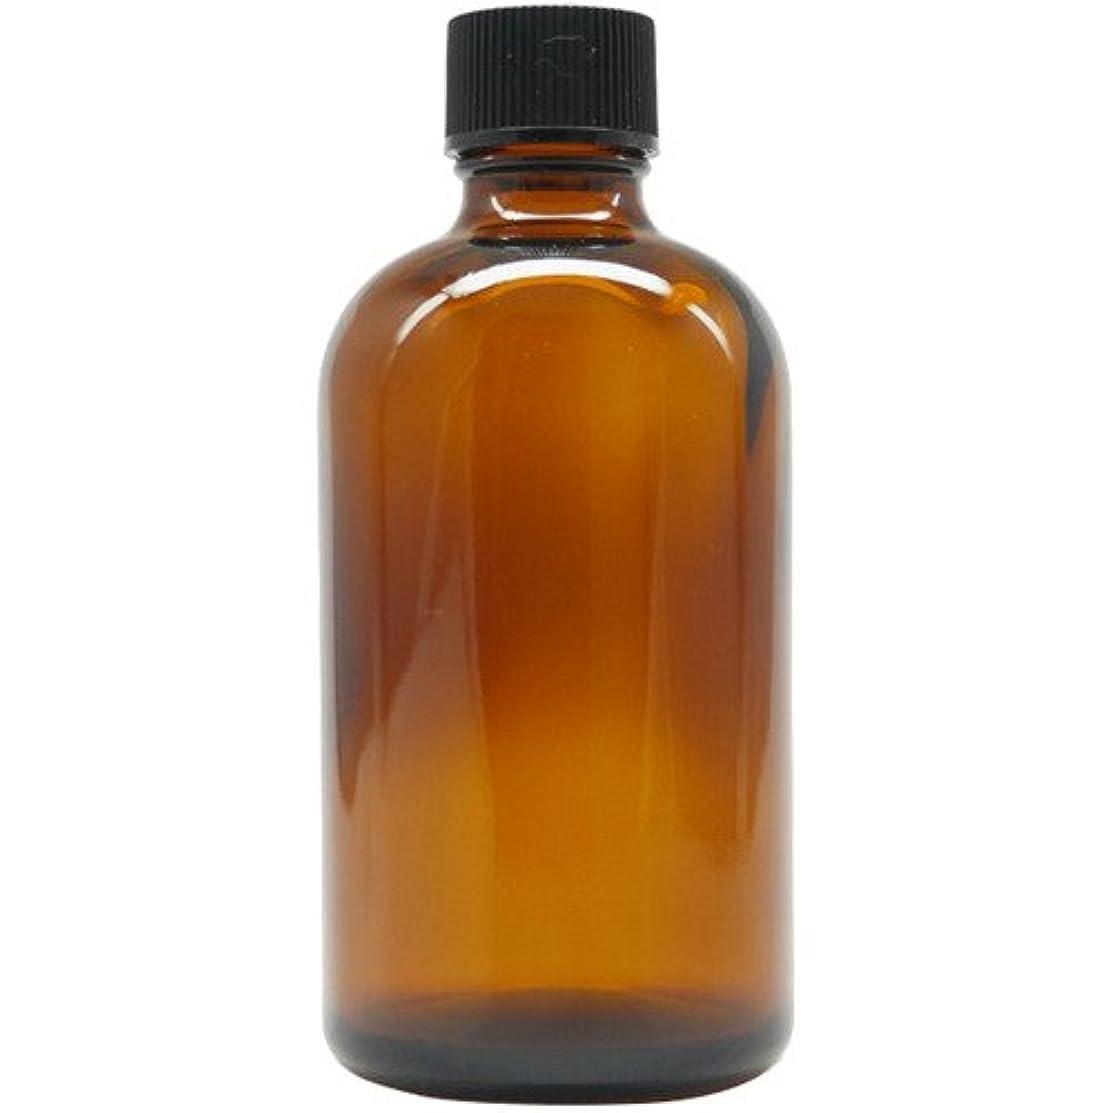 学校教育鬼ごっこ媒染剤アロマアンドライフ (D)茶瓶ドロップ栓100ml 3本セット